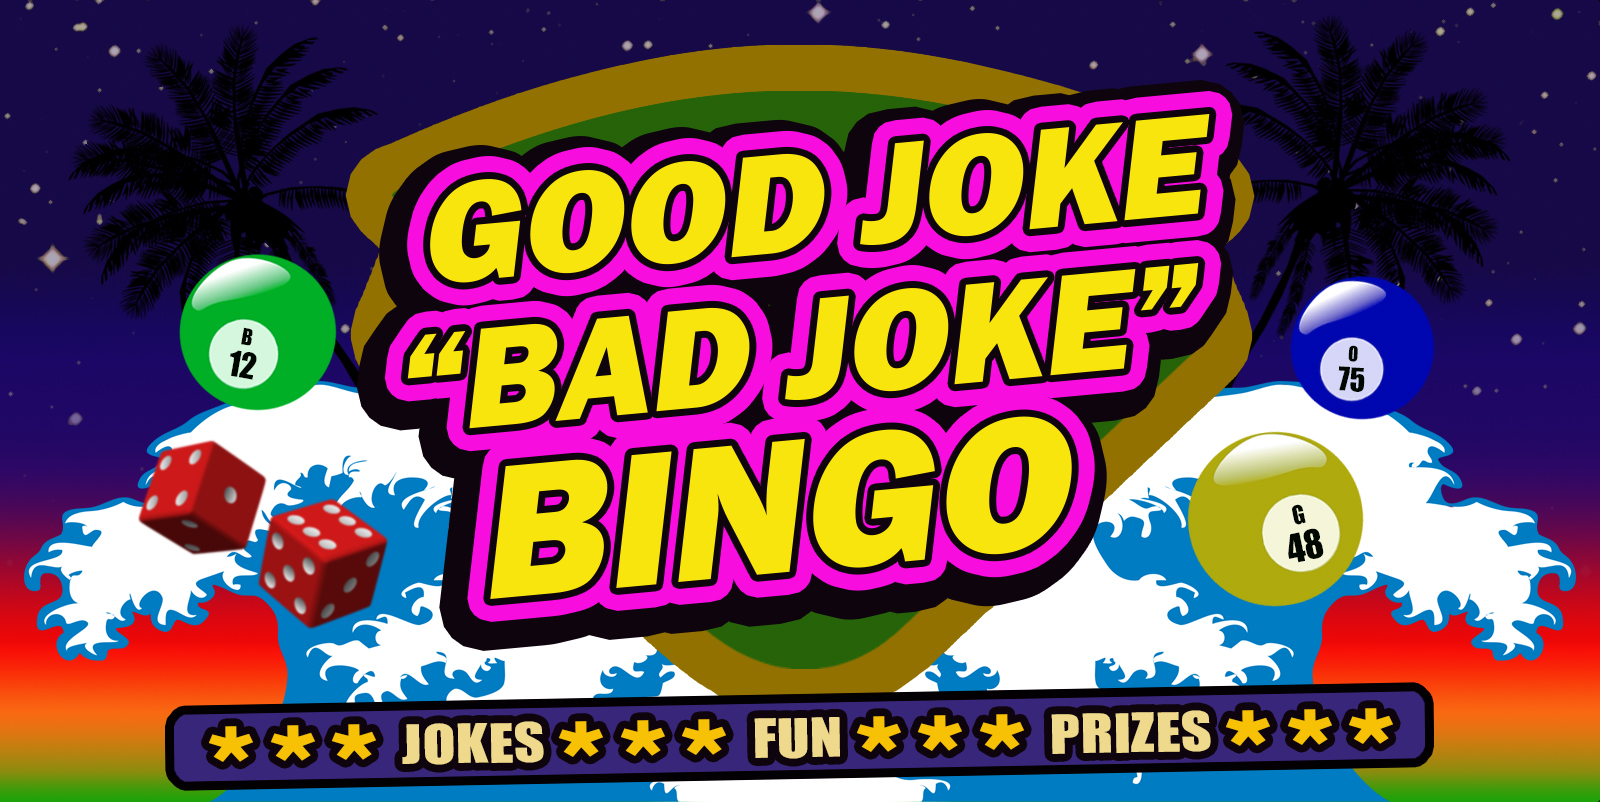 Good Joke/Bad Joke Bingo – Shawn Wickens